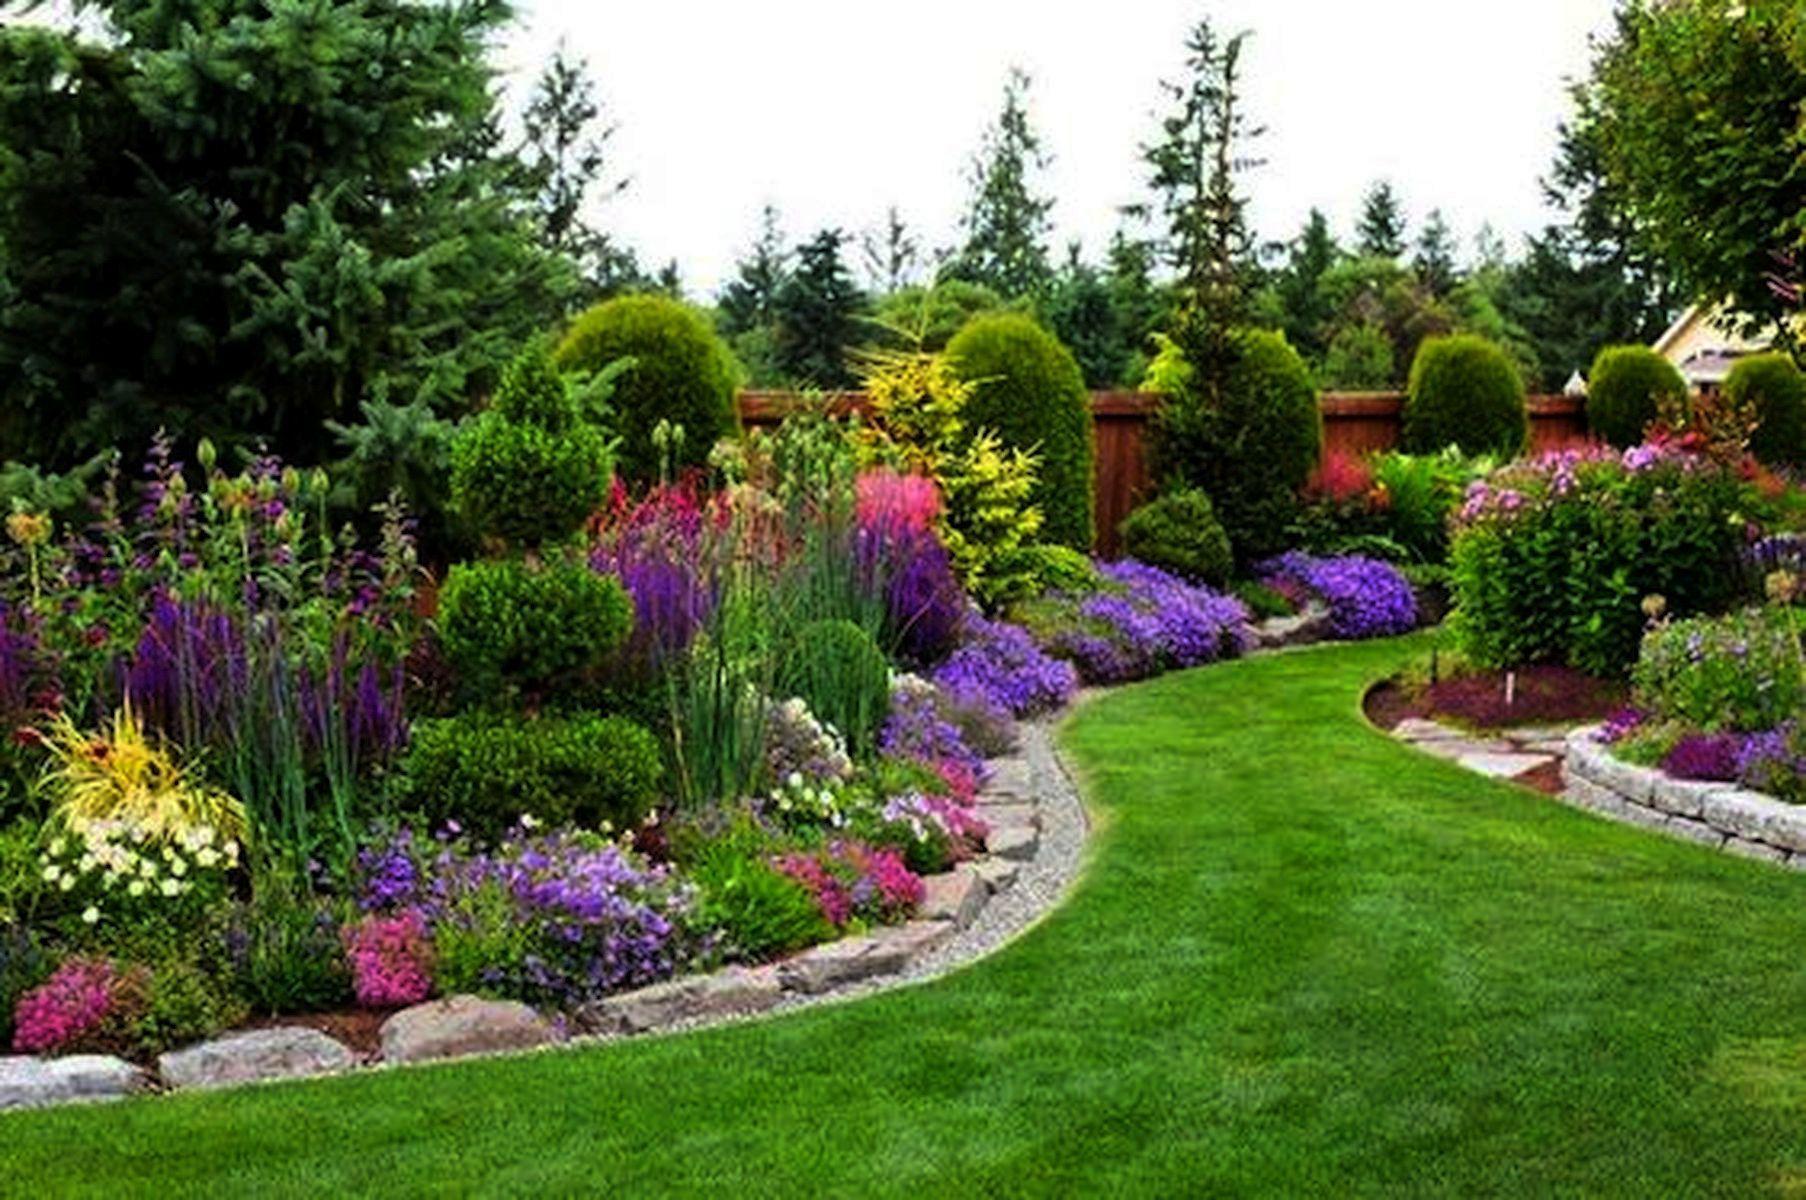 Landscape Gardening Gosport Beyond Garden Landscaping Mayo Lest Landscape Gardening Kid Garden Landscape Design Front Yard Landscaping Design Front Yard Garden